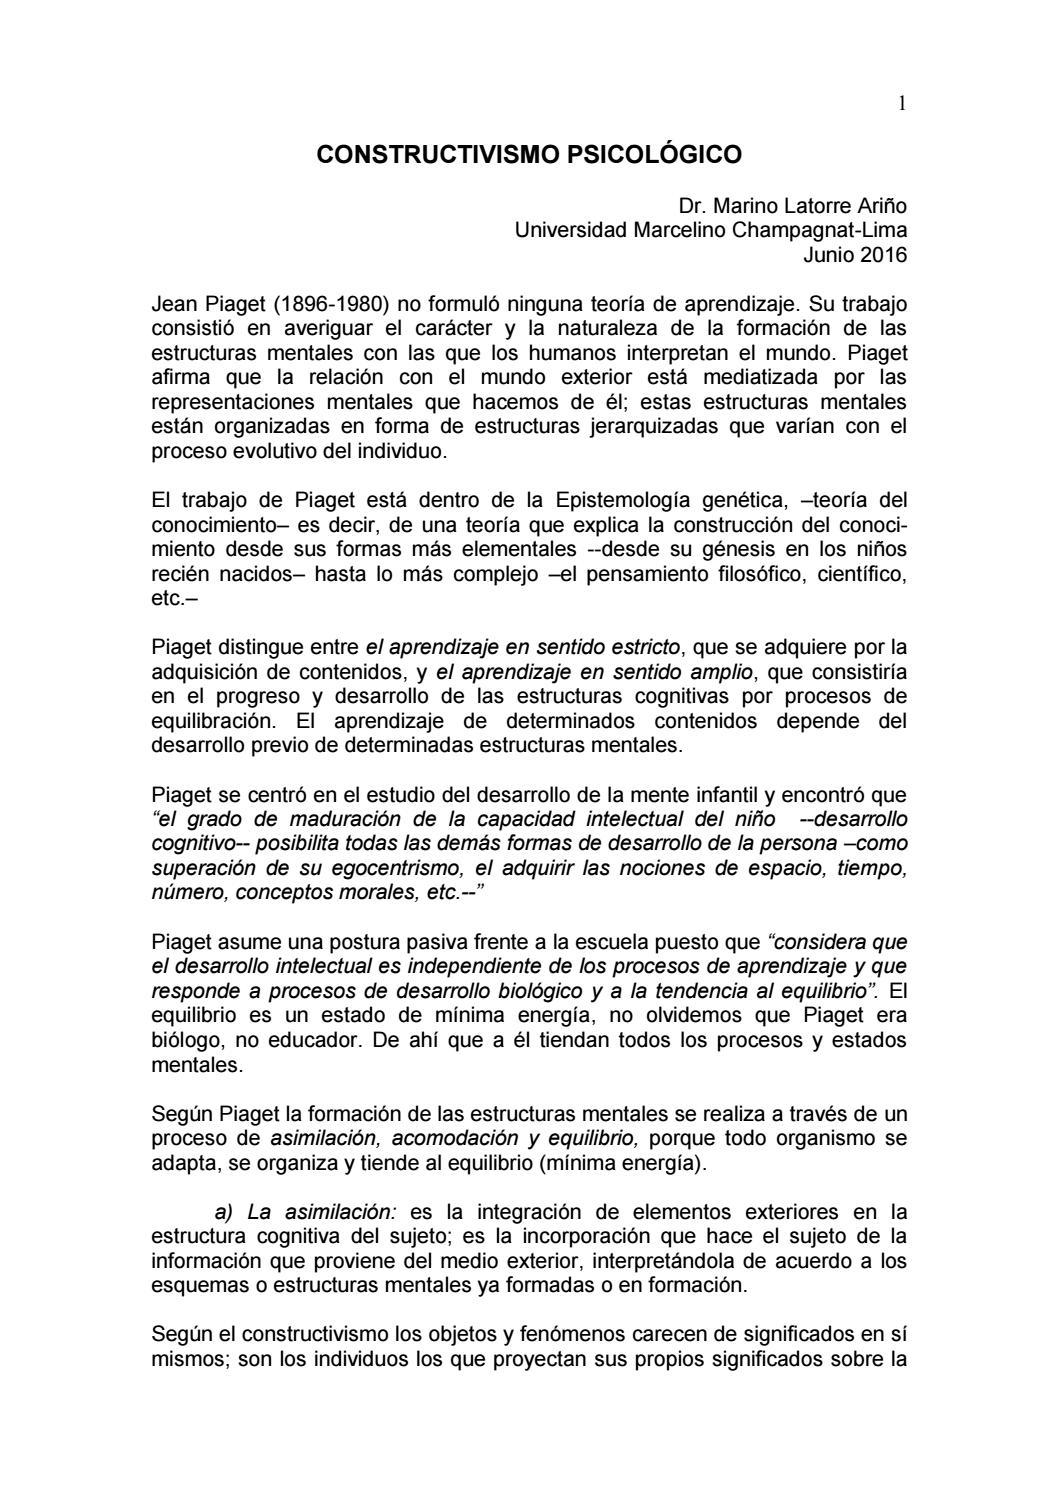 Constructivismo Psicológico By Universidad Marcelino